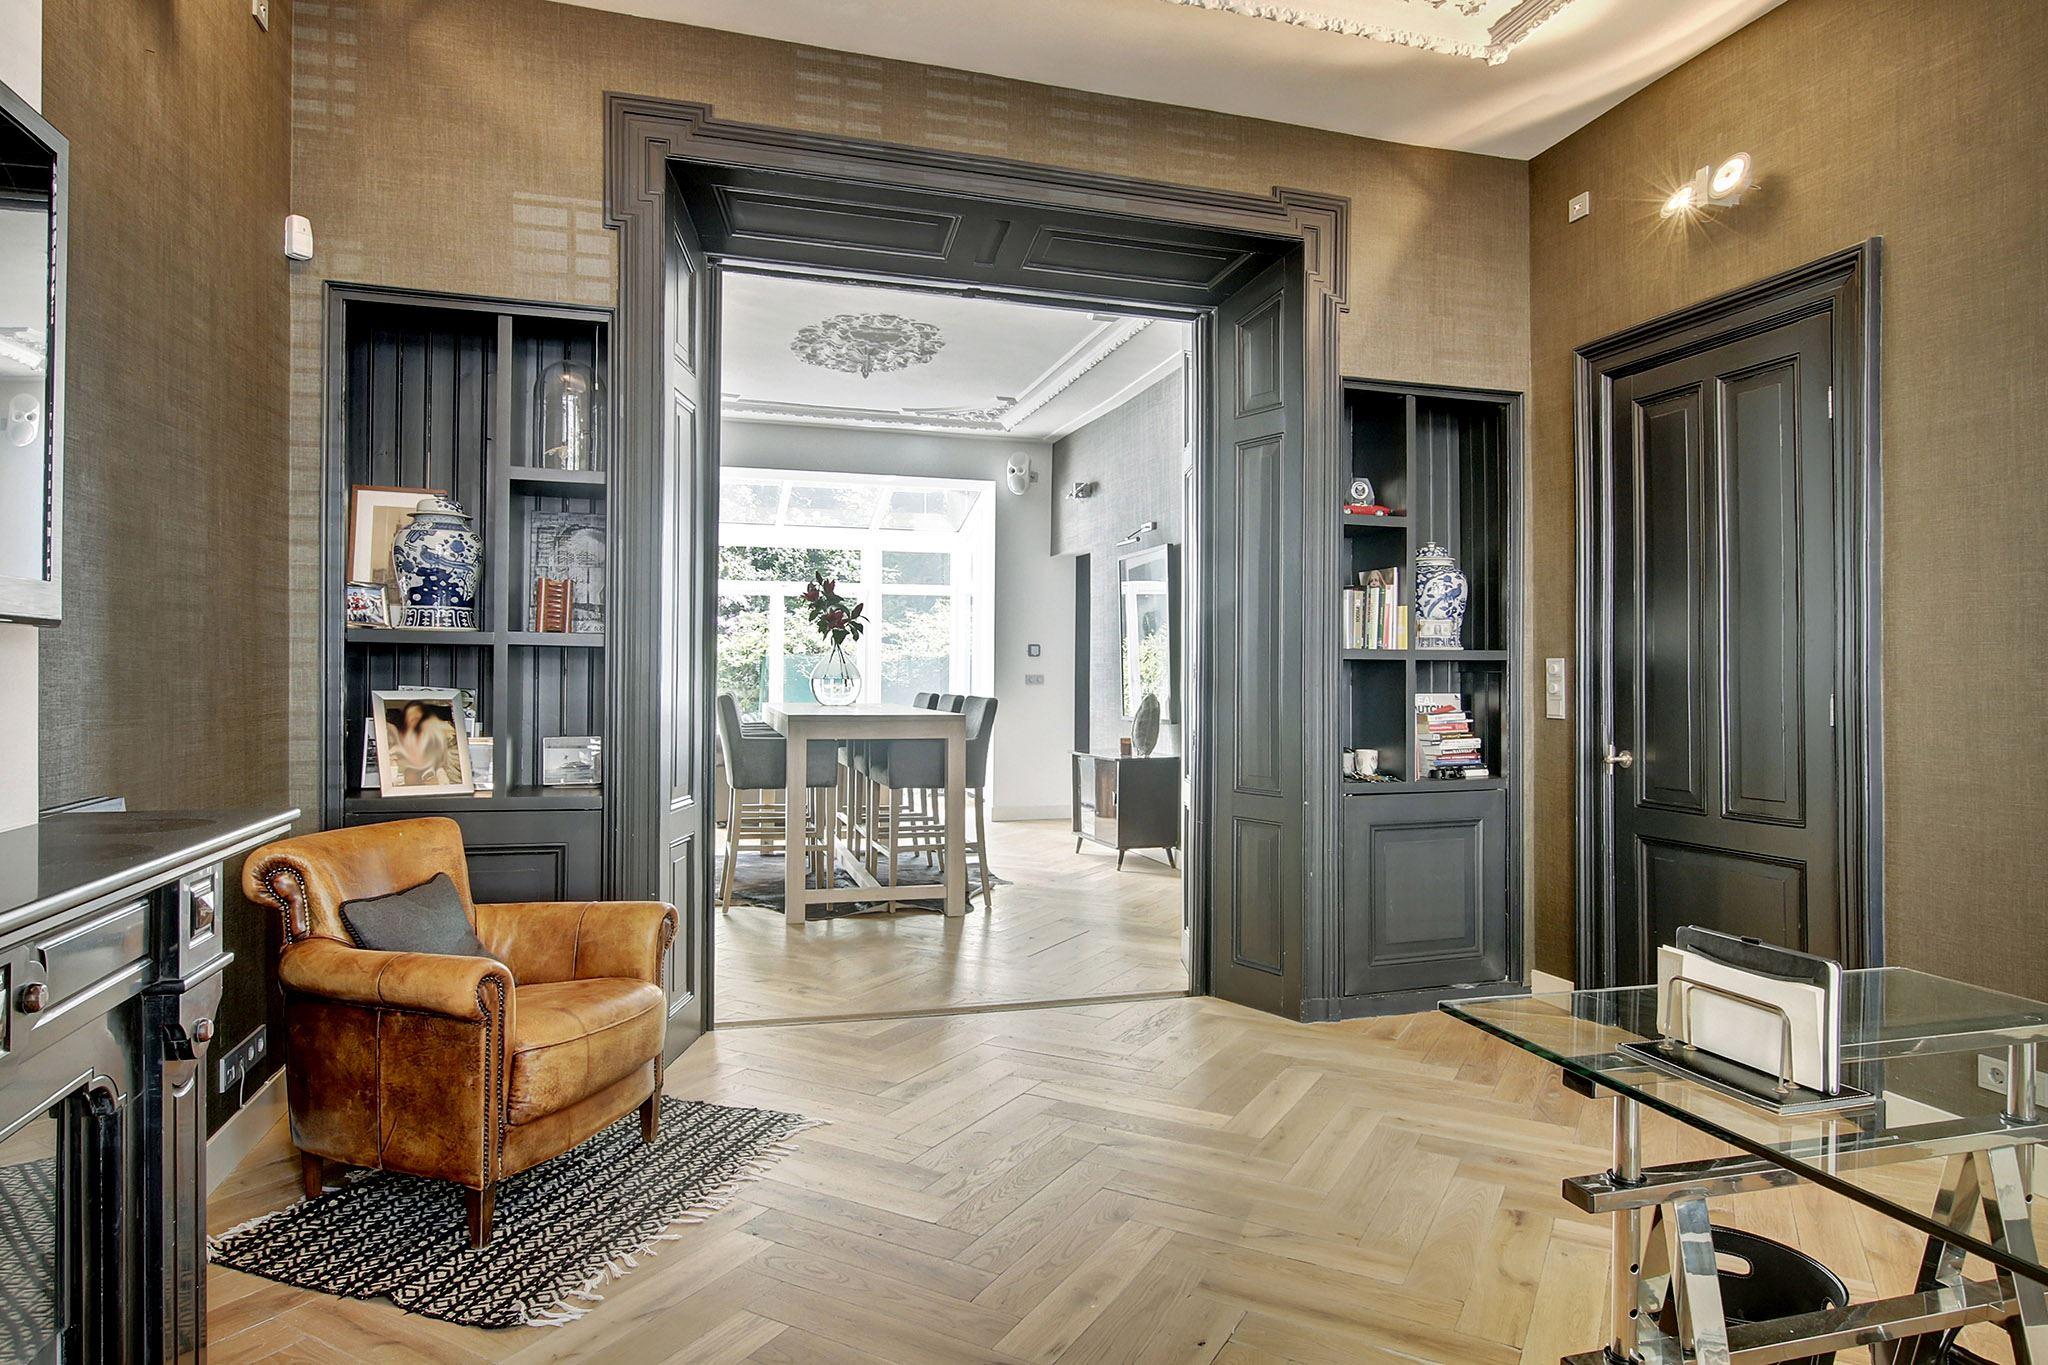 комната кабинет светлый паркет темные двери проем наличники встроенный книжный шкаф